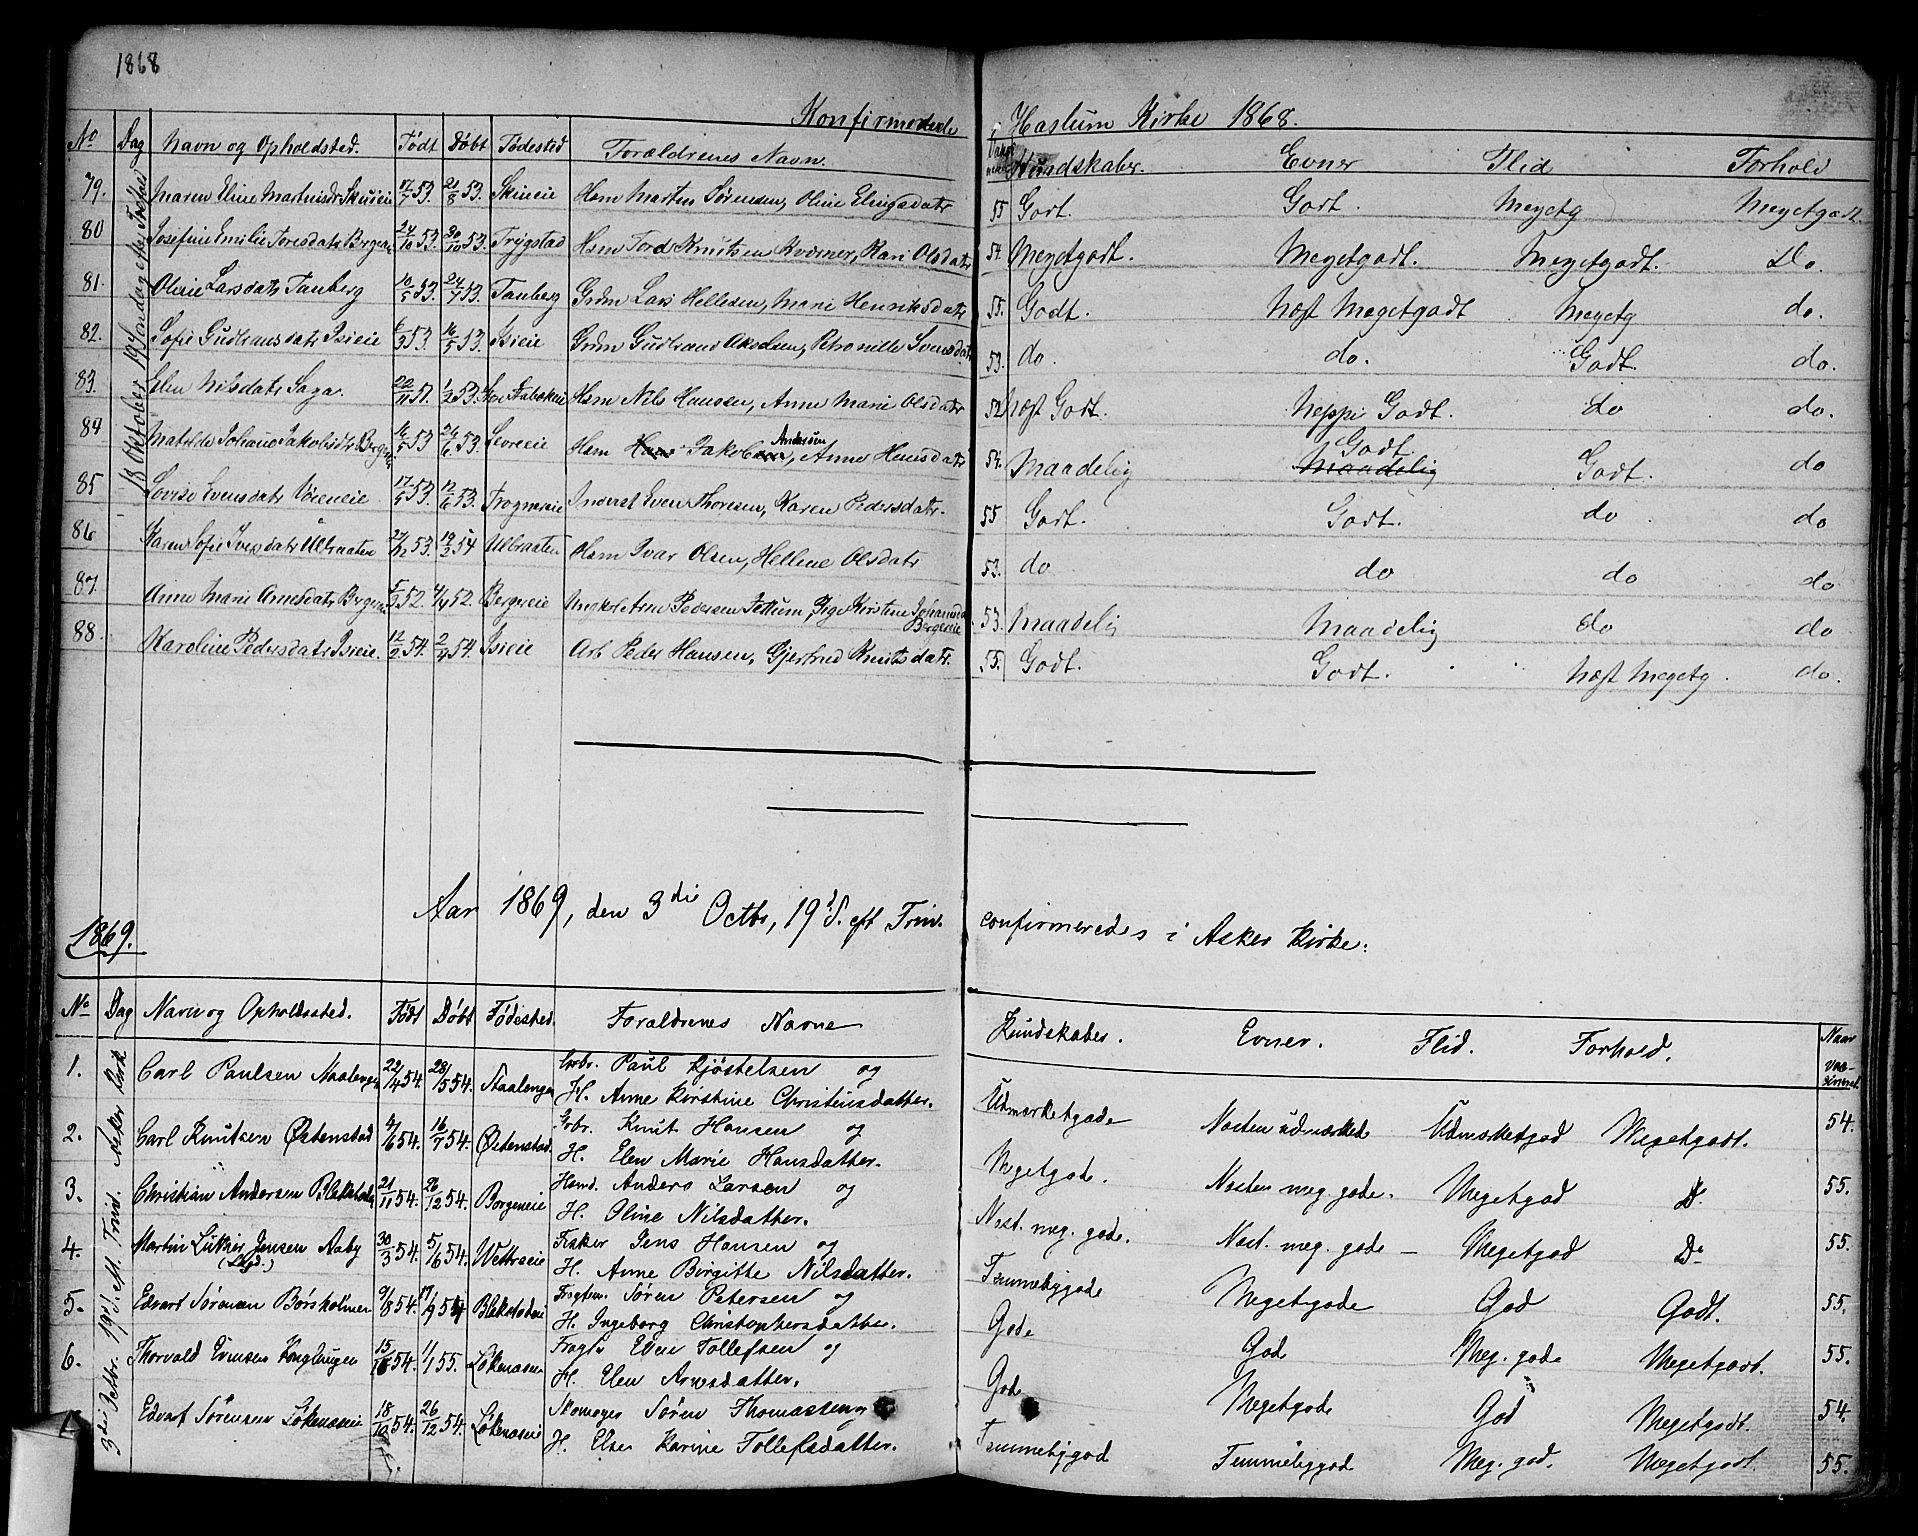 SAO, Asker prestekontor Kirkebøker, F/Fa/L0009: Ministerialbok nr. I 9, 1825-1878, s. 257